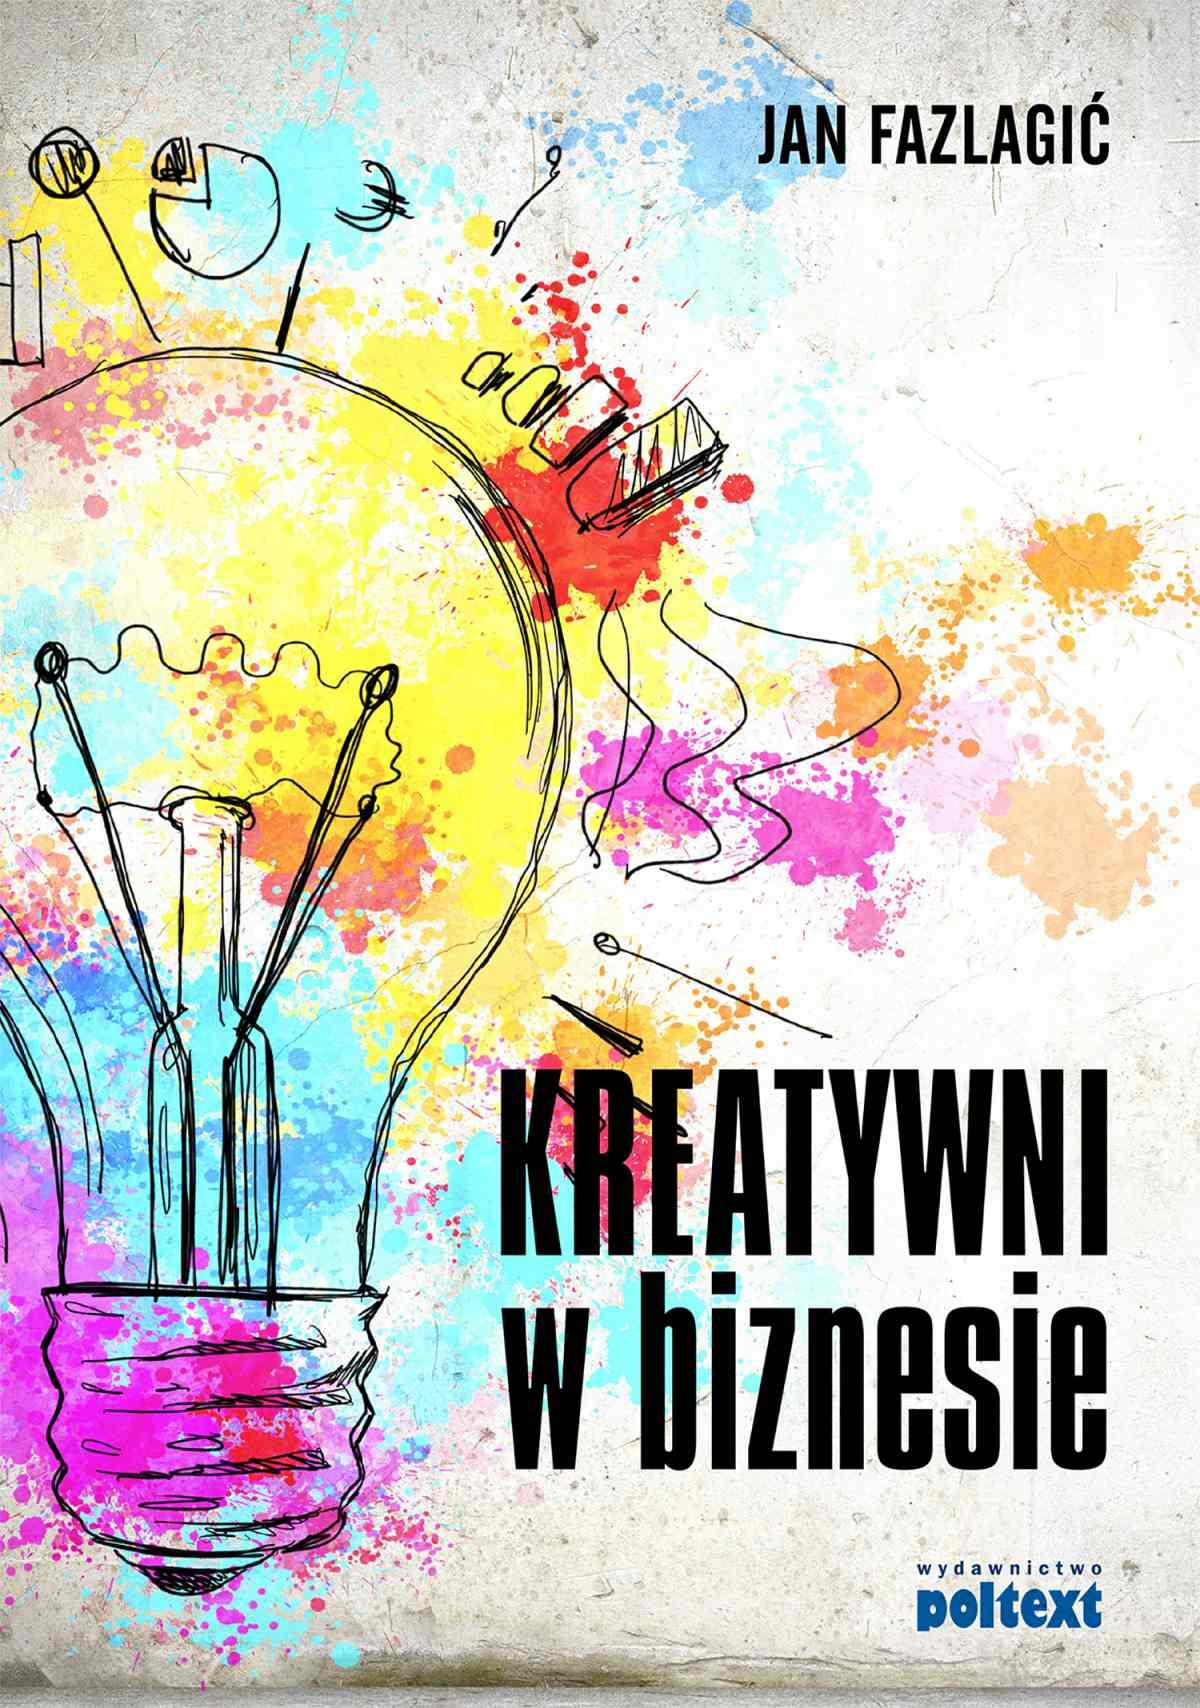 Kreatywni w biznesie - Ebook (Książka na Kindle) do pobrania w formacie MOBI